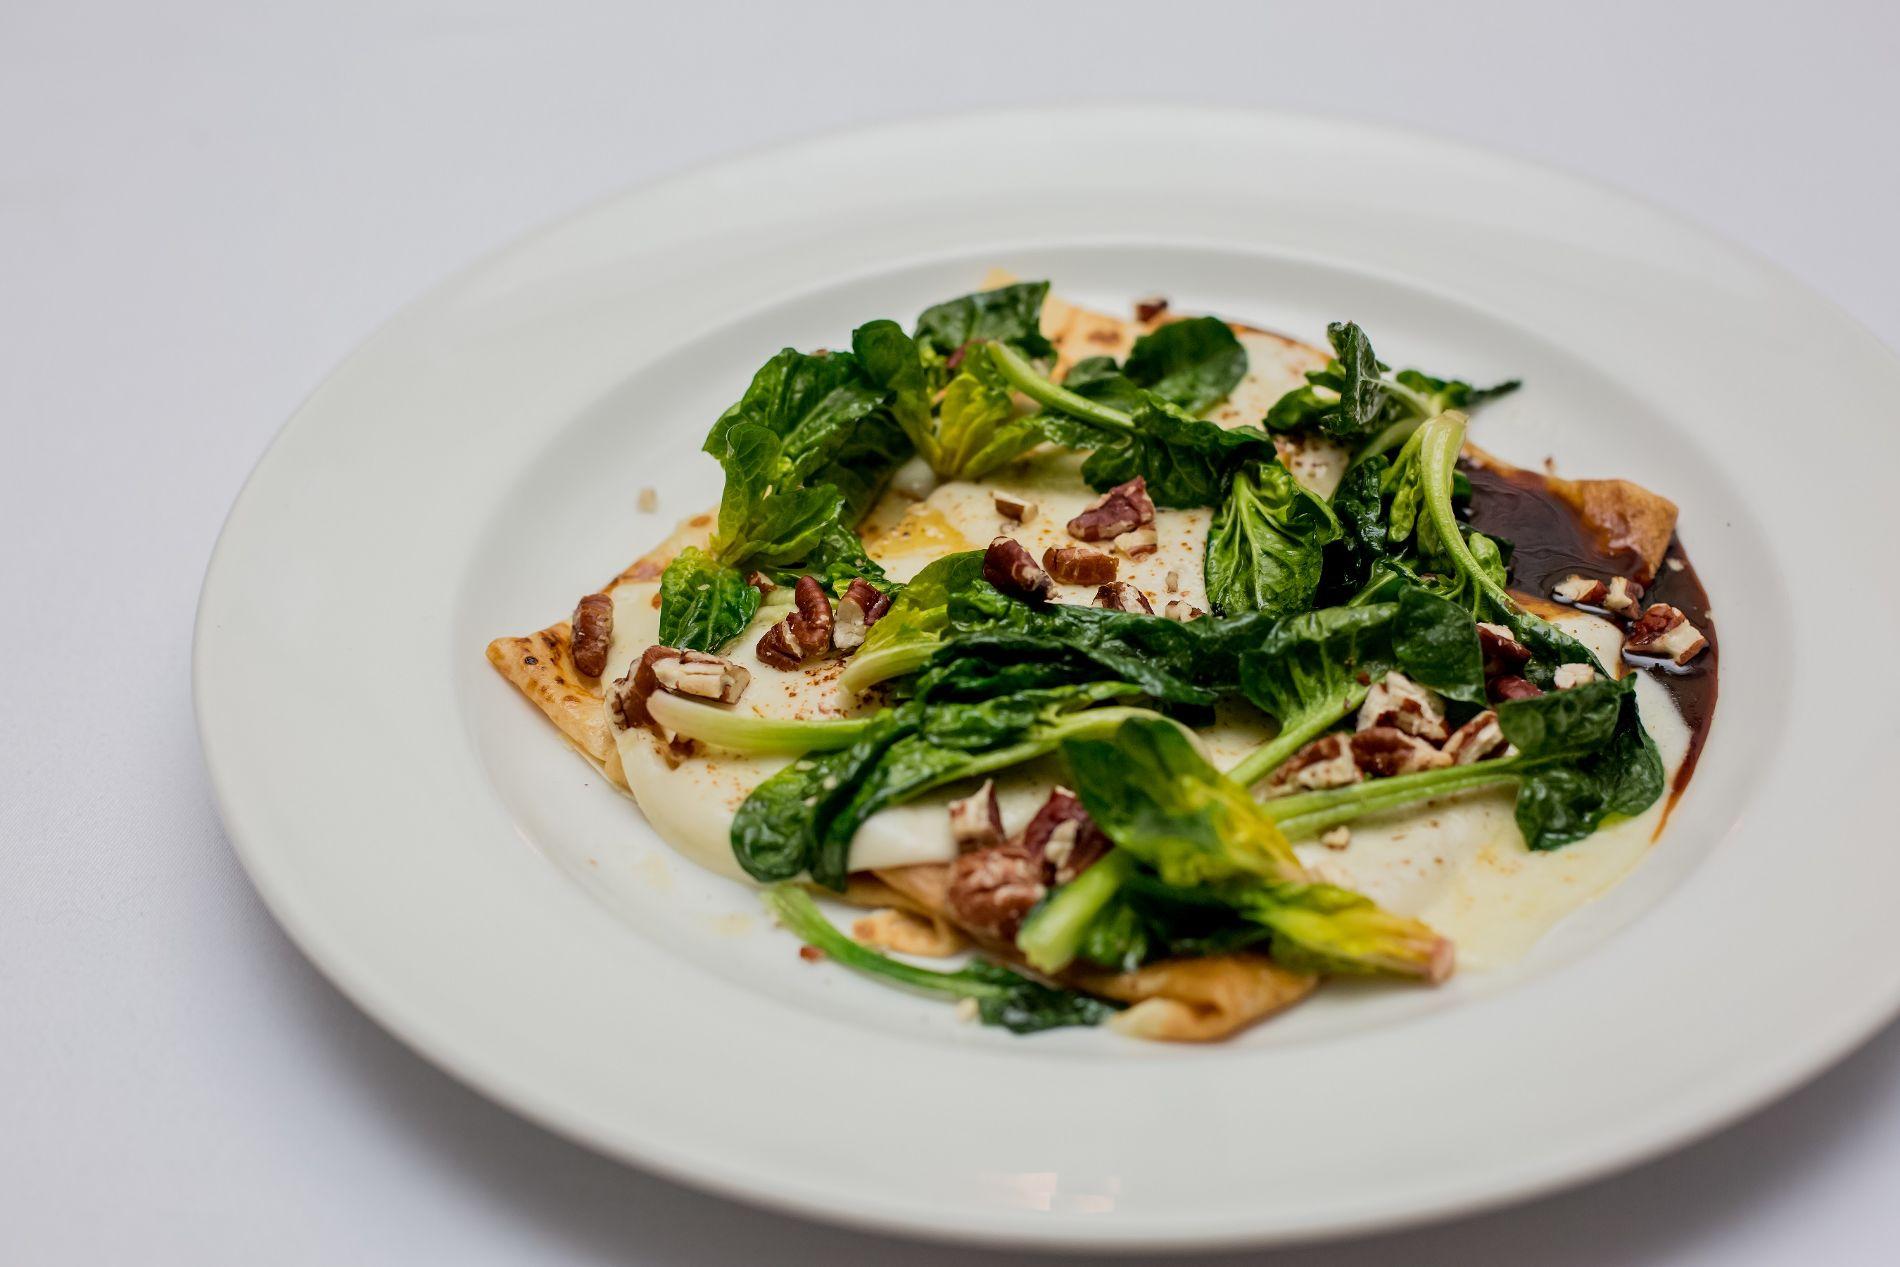 Блины с сулугуни, шпинатом и карамельным пеканом в ресторане Red Fox ©Фото предоставлено рестораном